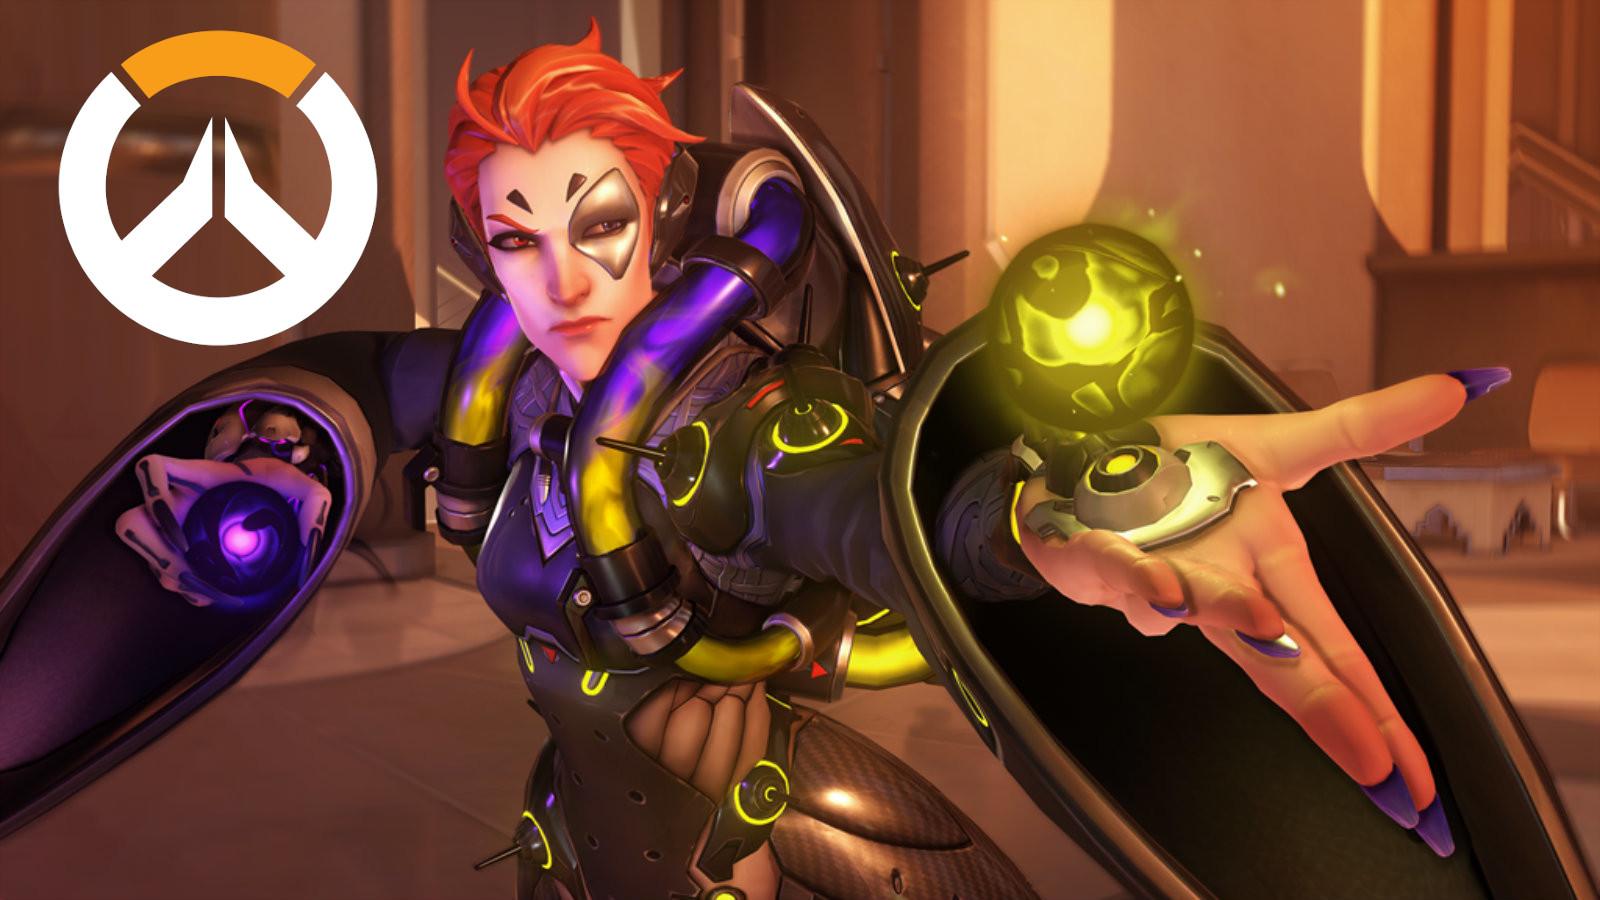 Moira readies her Biotic Orbs in Overwatch's Oasis